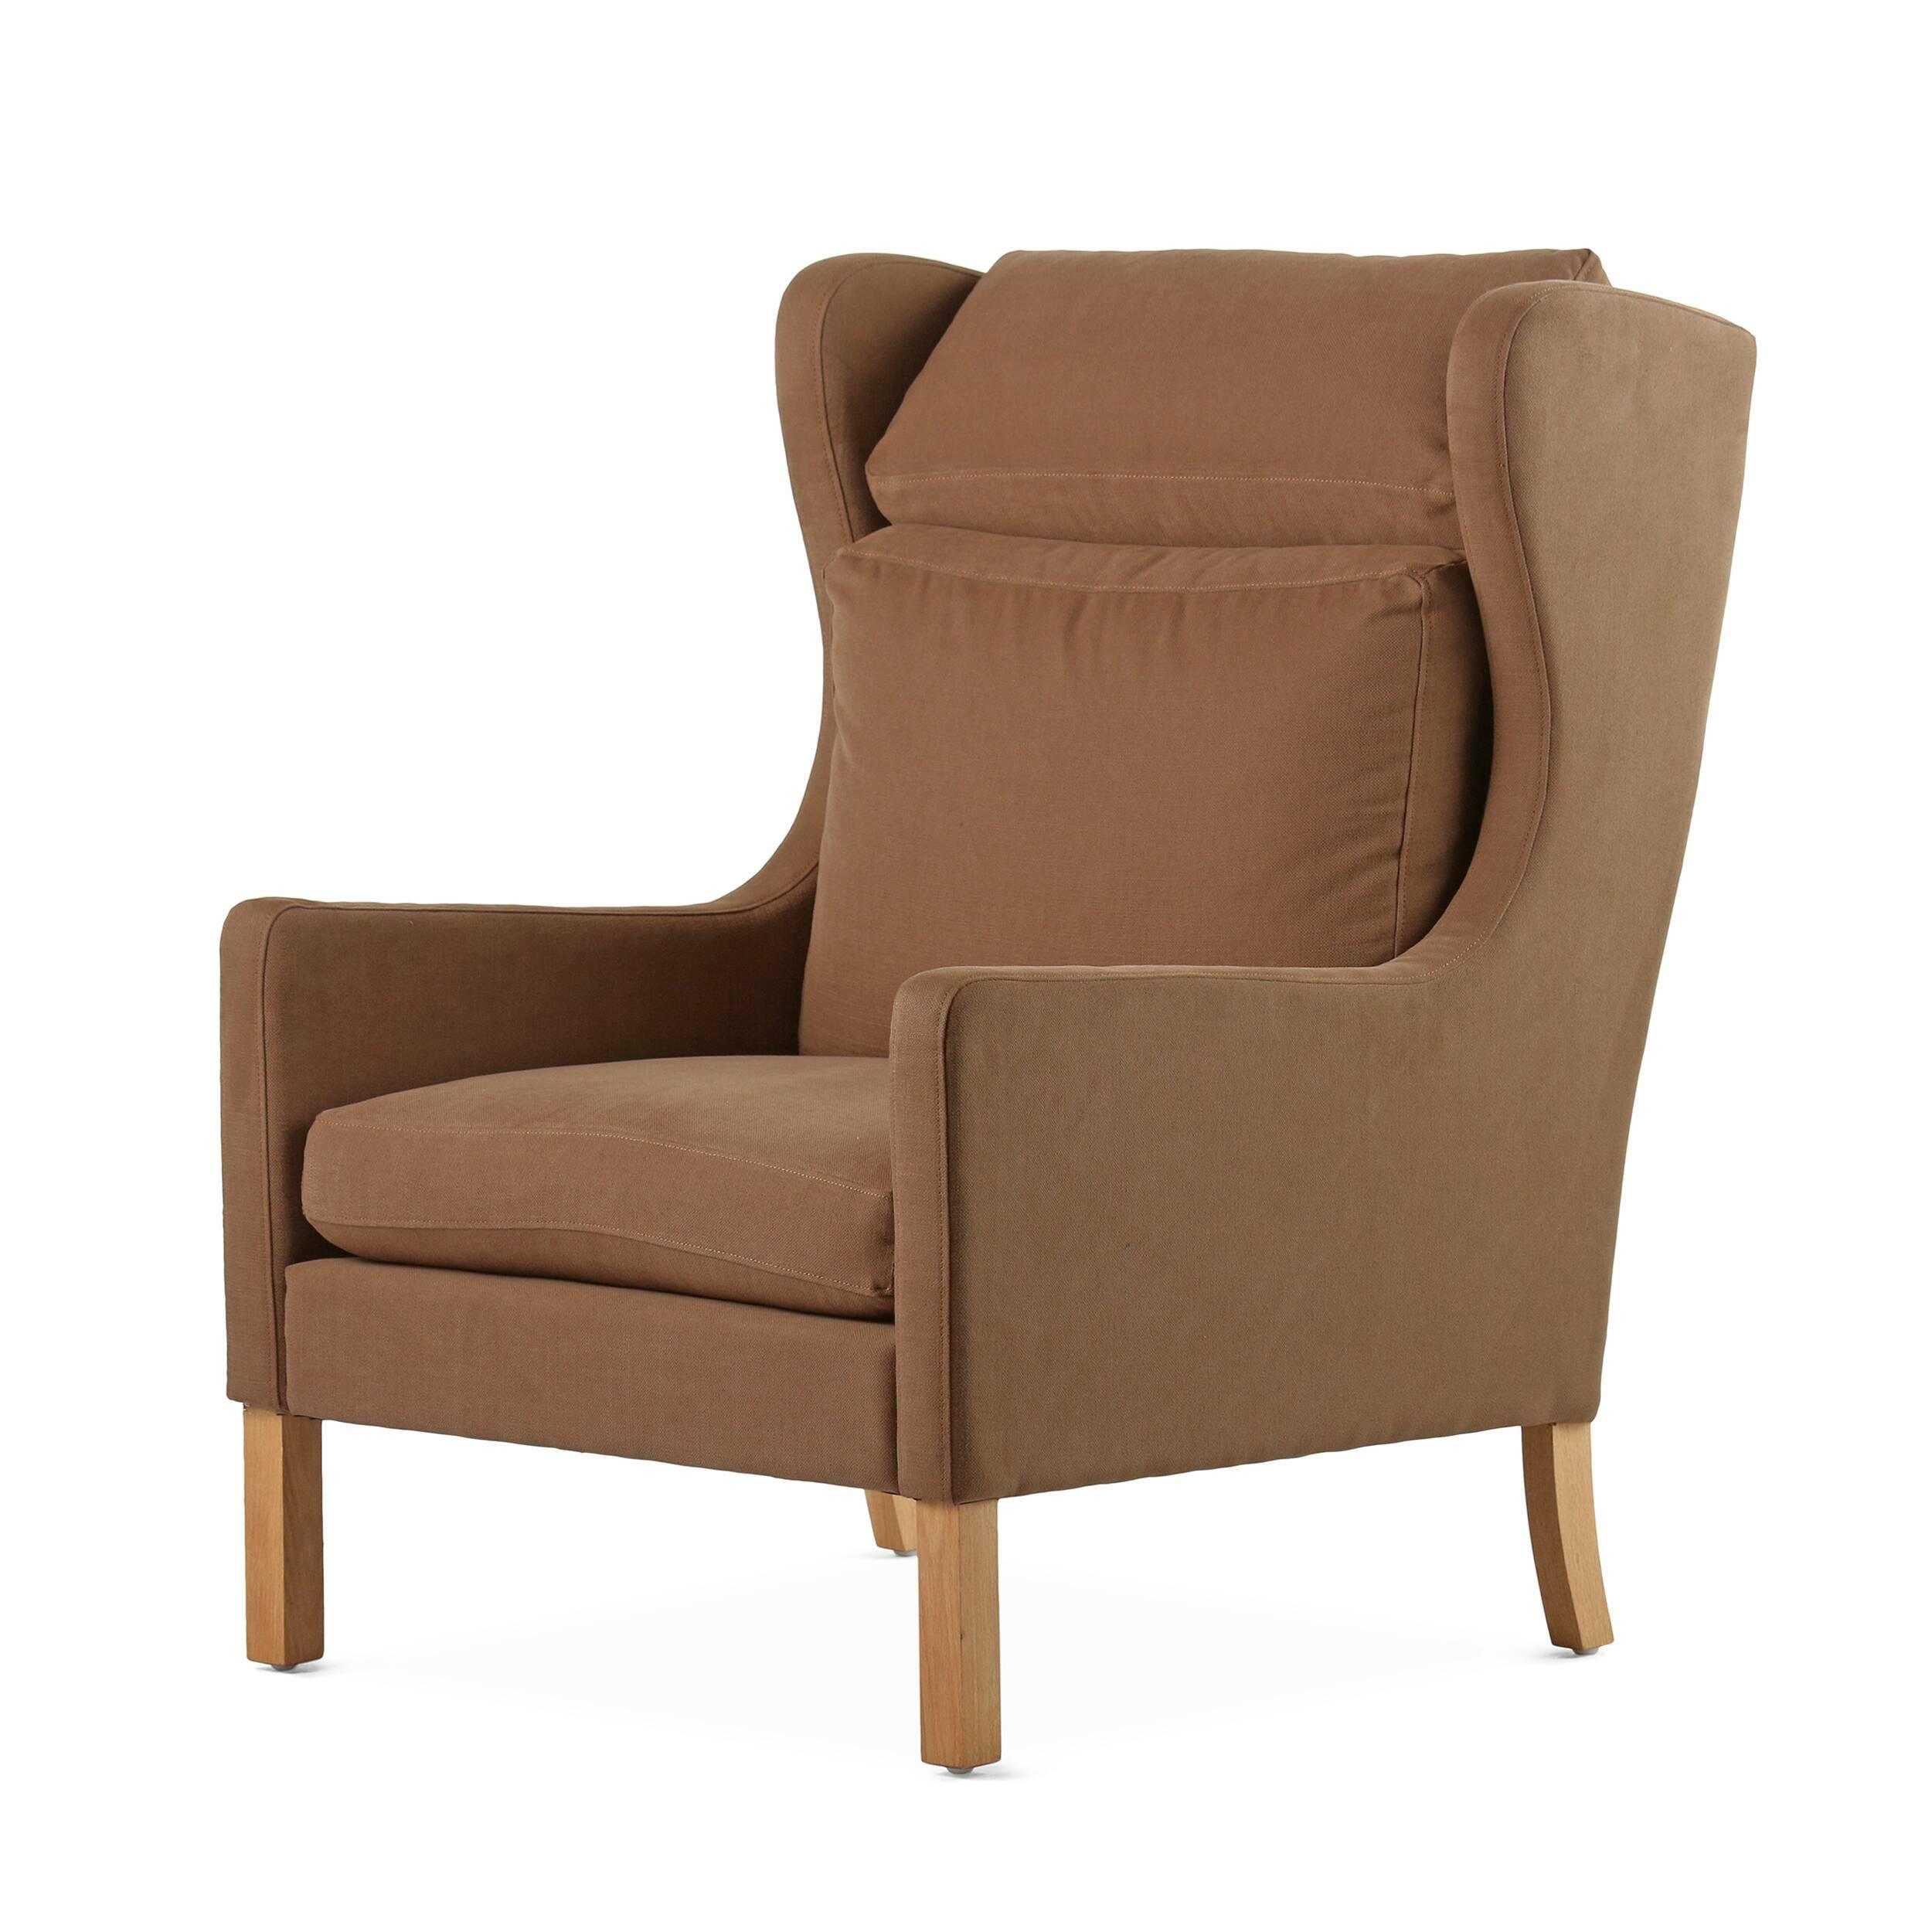 Кресло WingbackИнтерьерные<br>Дизайнерское мягкое удобное кресло Wingback (Вингбэк) с ушами от Cosmo (Космо).<br><br><br> Кресло Wingback — работа Берга Могенсена, дизайнера мебели, одного из столпов скандинавского стиля. Разработанное в 1963 году, это кресло простого, но статного дизайна привлекает к себе внимание своими арочными элементами. Заниженное сиденье и элегантные подлокотники — идеальное решение для чтения и отдыха. Устойчивое и надежное оригинальное кресло Wingback воплощает типично датские черты дизайна.<br><br> В ст...<br><br>stock: 0<br>Высота: 99<br>Высота сиденья: 44<br>Ширина: 72<br>Глубина: 87,5<br>Цвет ножек: Дуб<br>Материал ножек: Массив дуба<br>Материал обивки: Хлопок, Лен<br>Коллекция ткани: Ray Fabric<br>Тип материала обивки: Ткань<br>Тип материала ножек: Дерево<br>Цвет обивки: Светло-коричневый